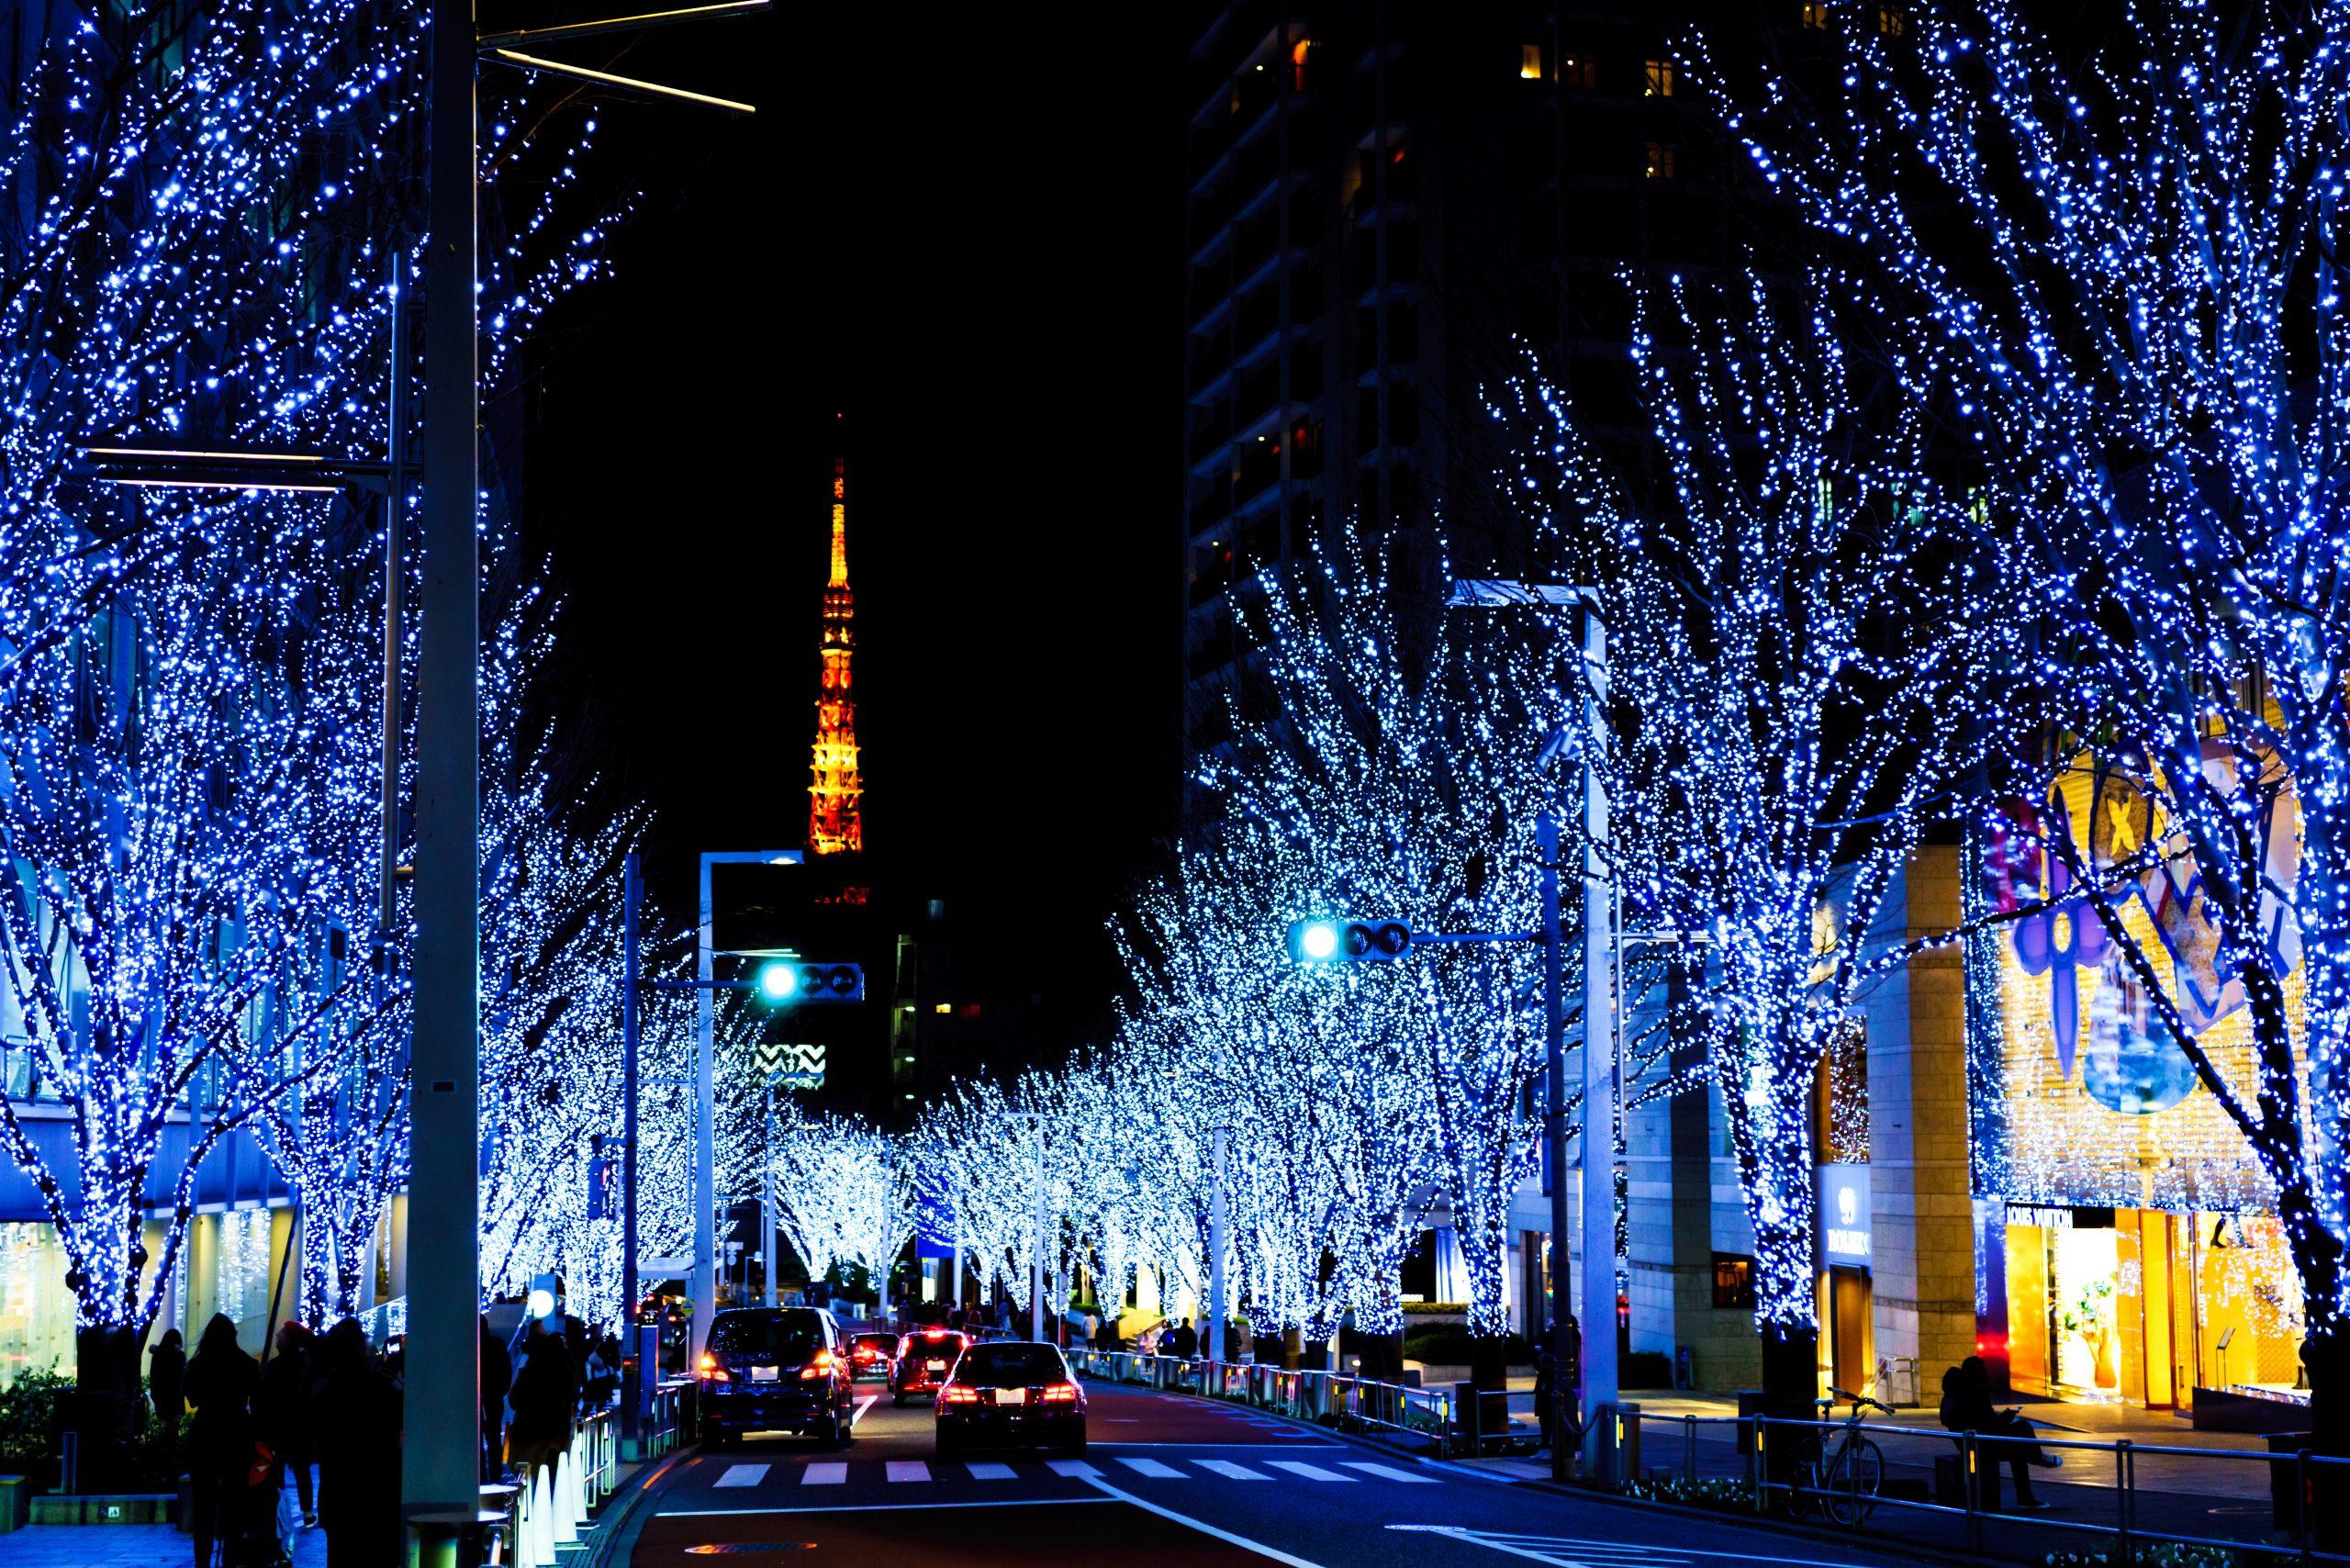 クリスマスイメージ:六本木ヒルズ前の冬の風物詩 けやき坂通りの幻想的なイルミネーションと東京タワー